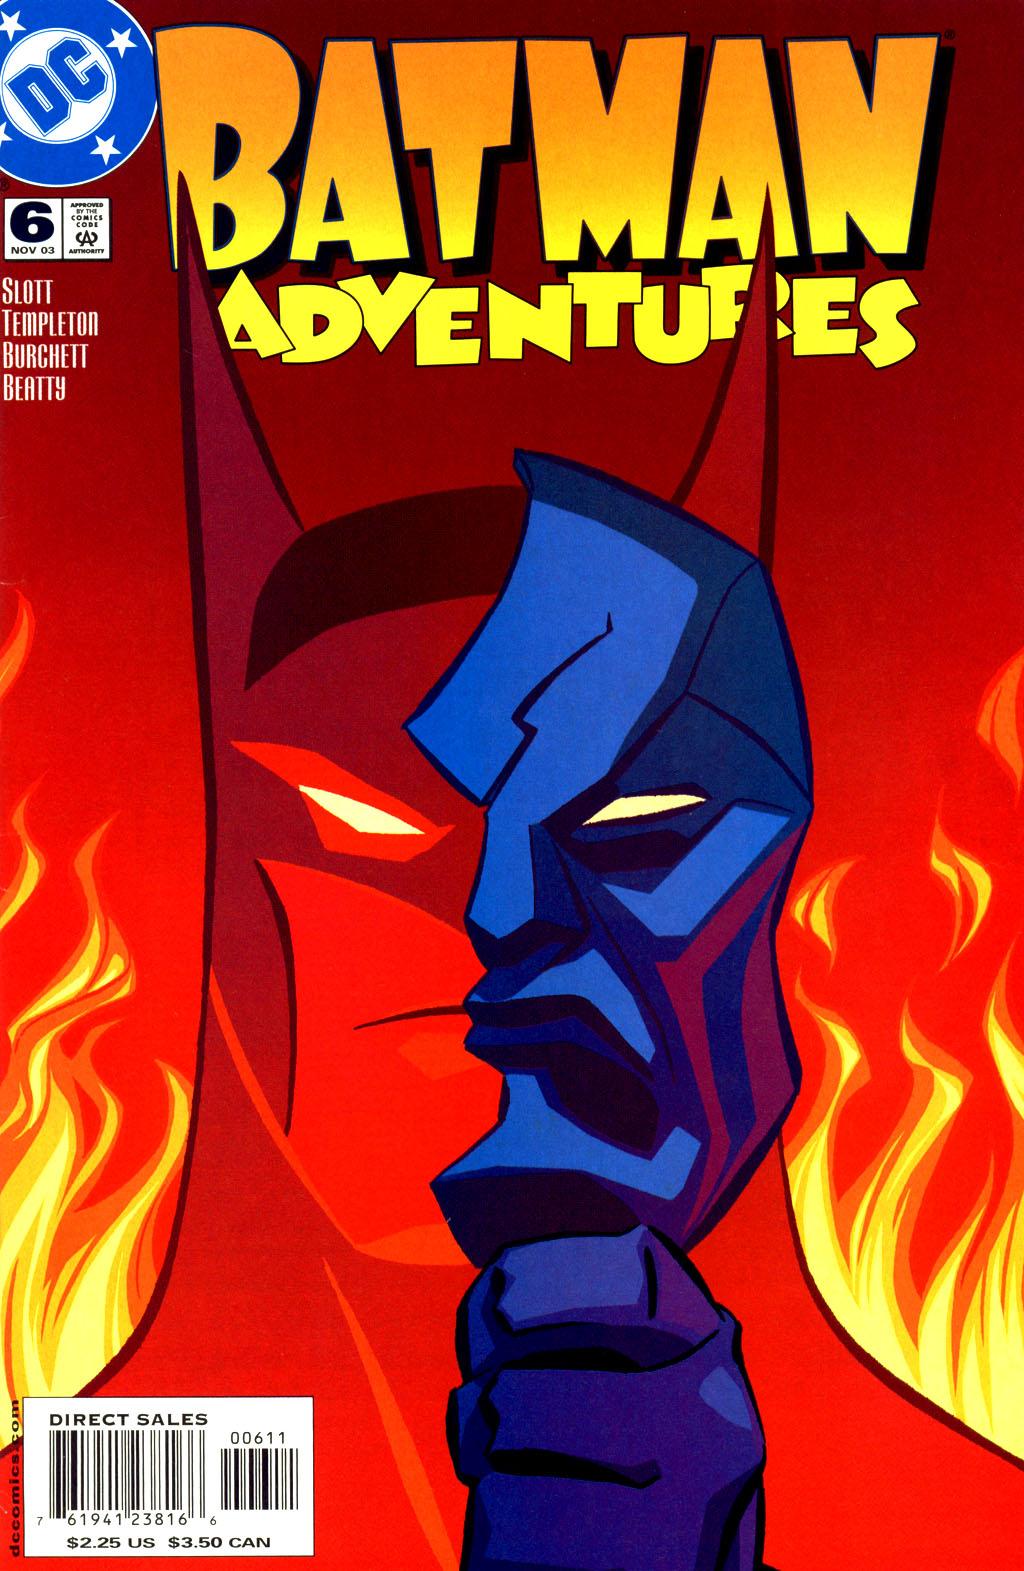 Batman Adventures (2003) 6 Page 1